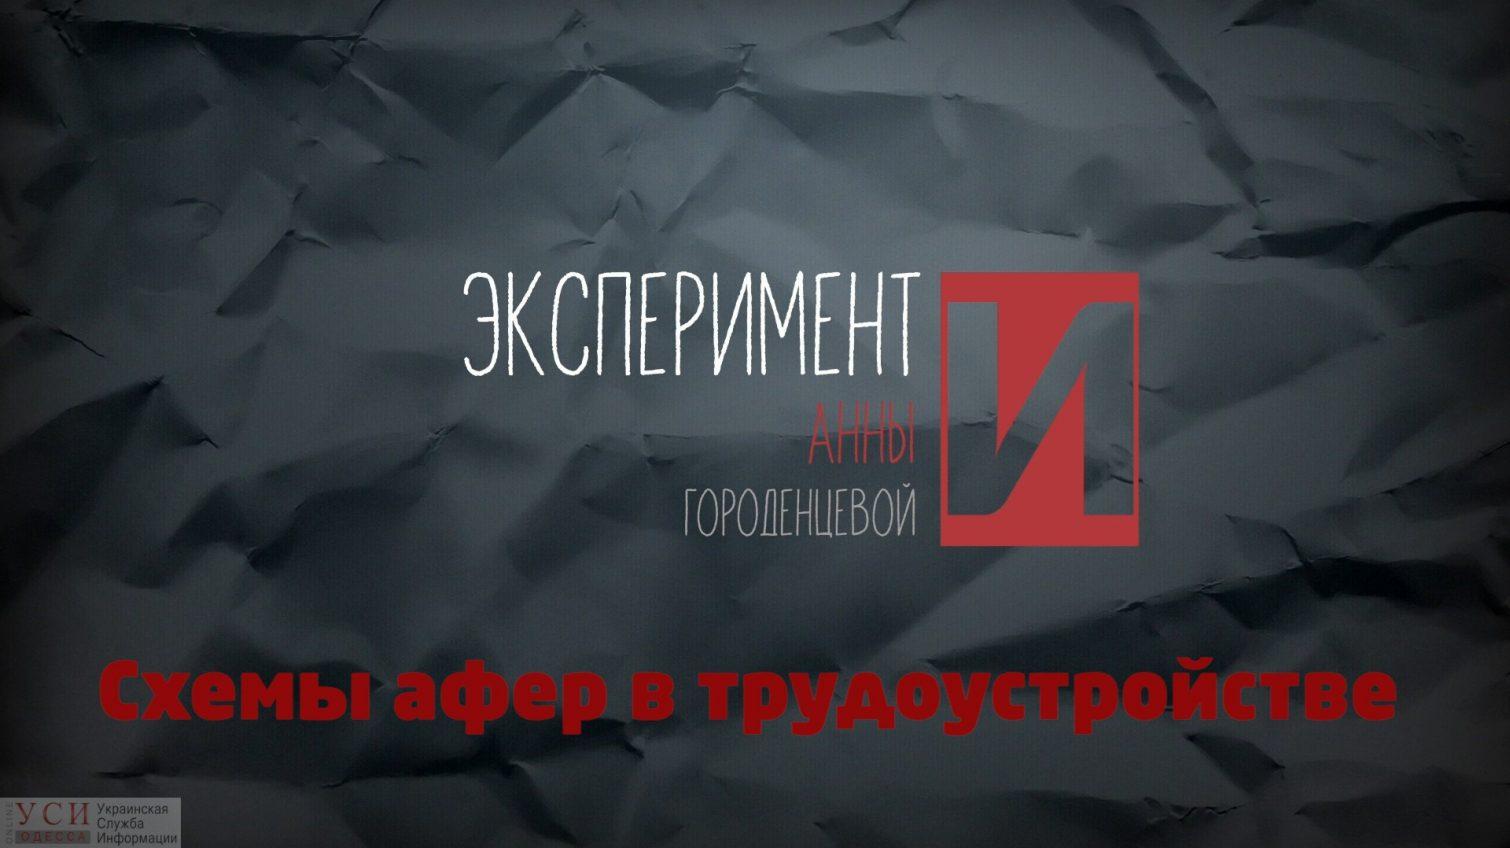 Эксперимент УСИ:схемы афер в трудоустройстве (видео) «фото»